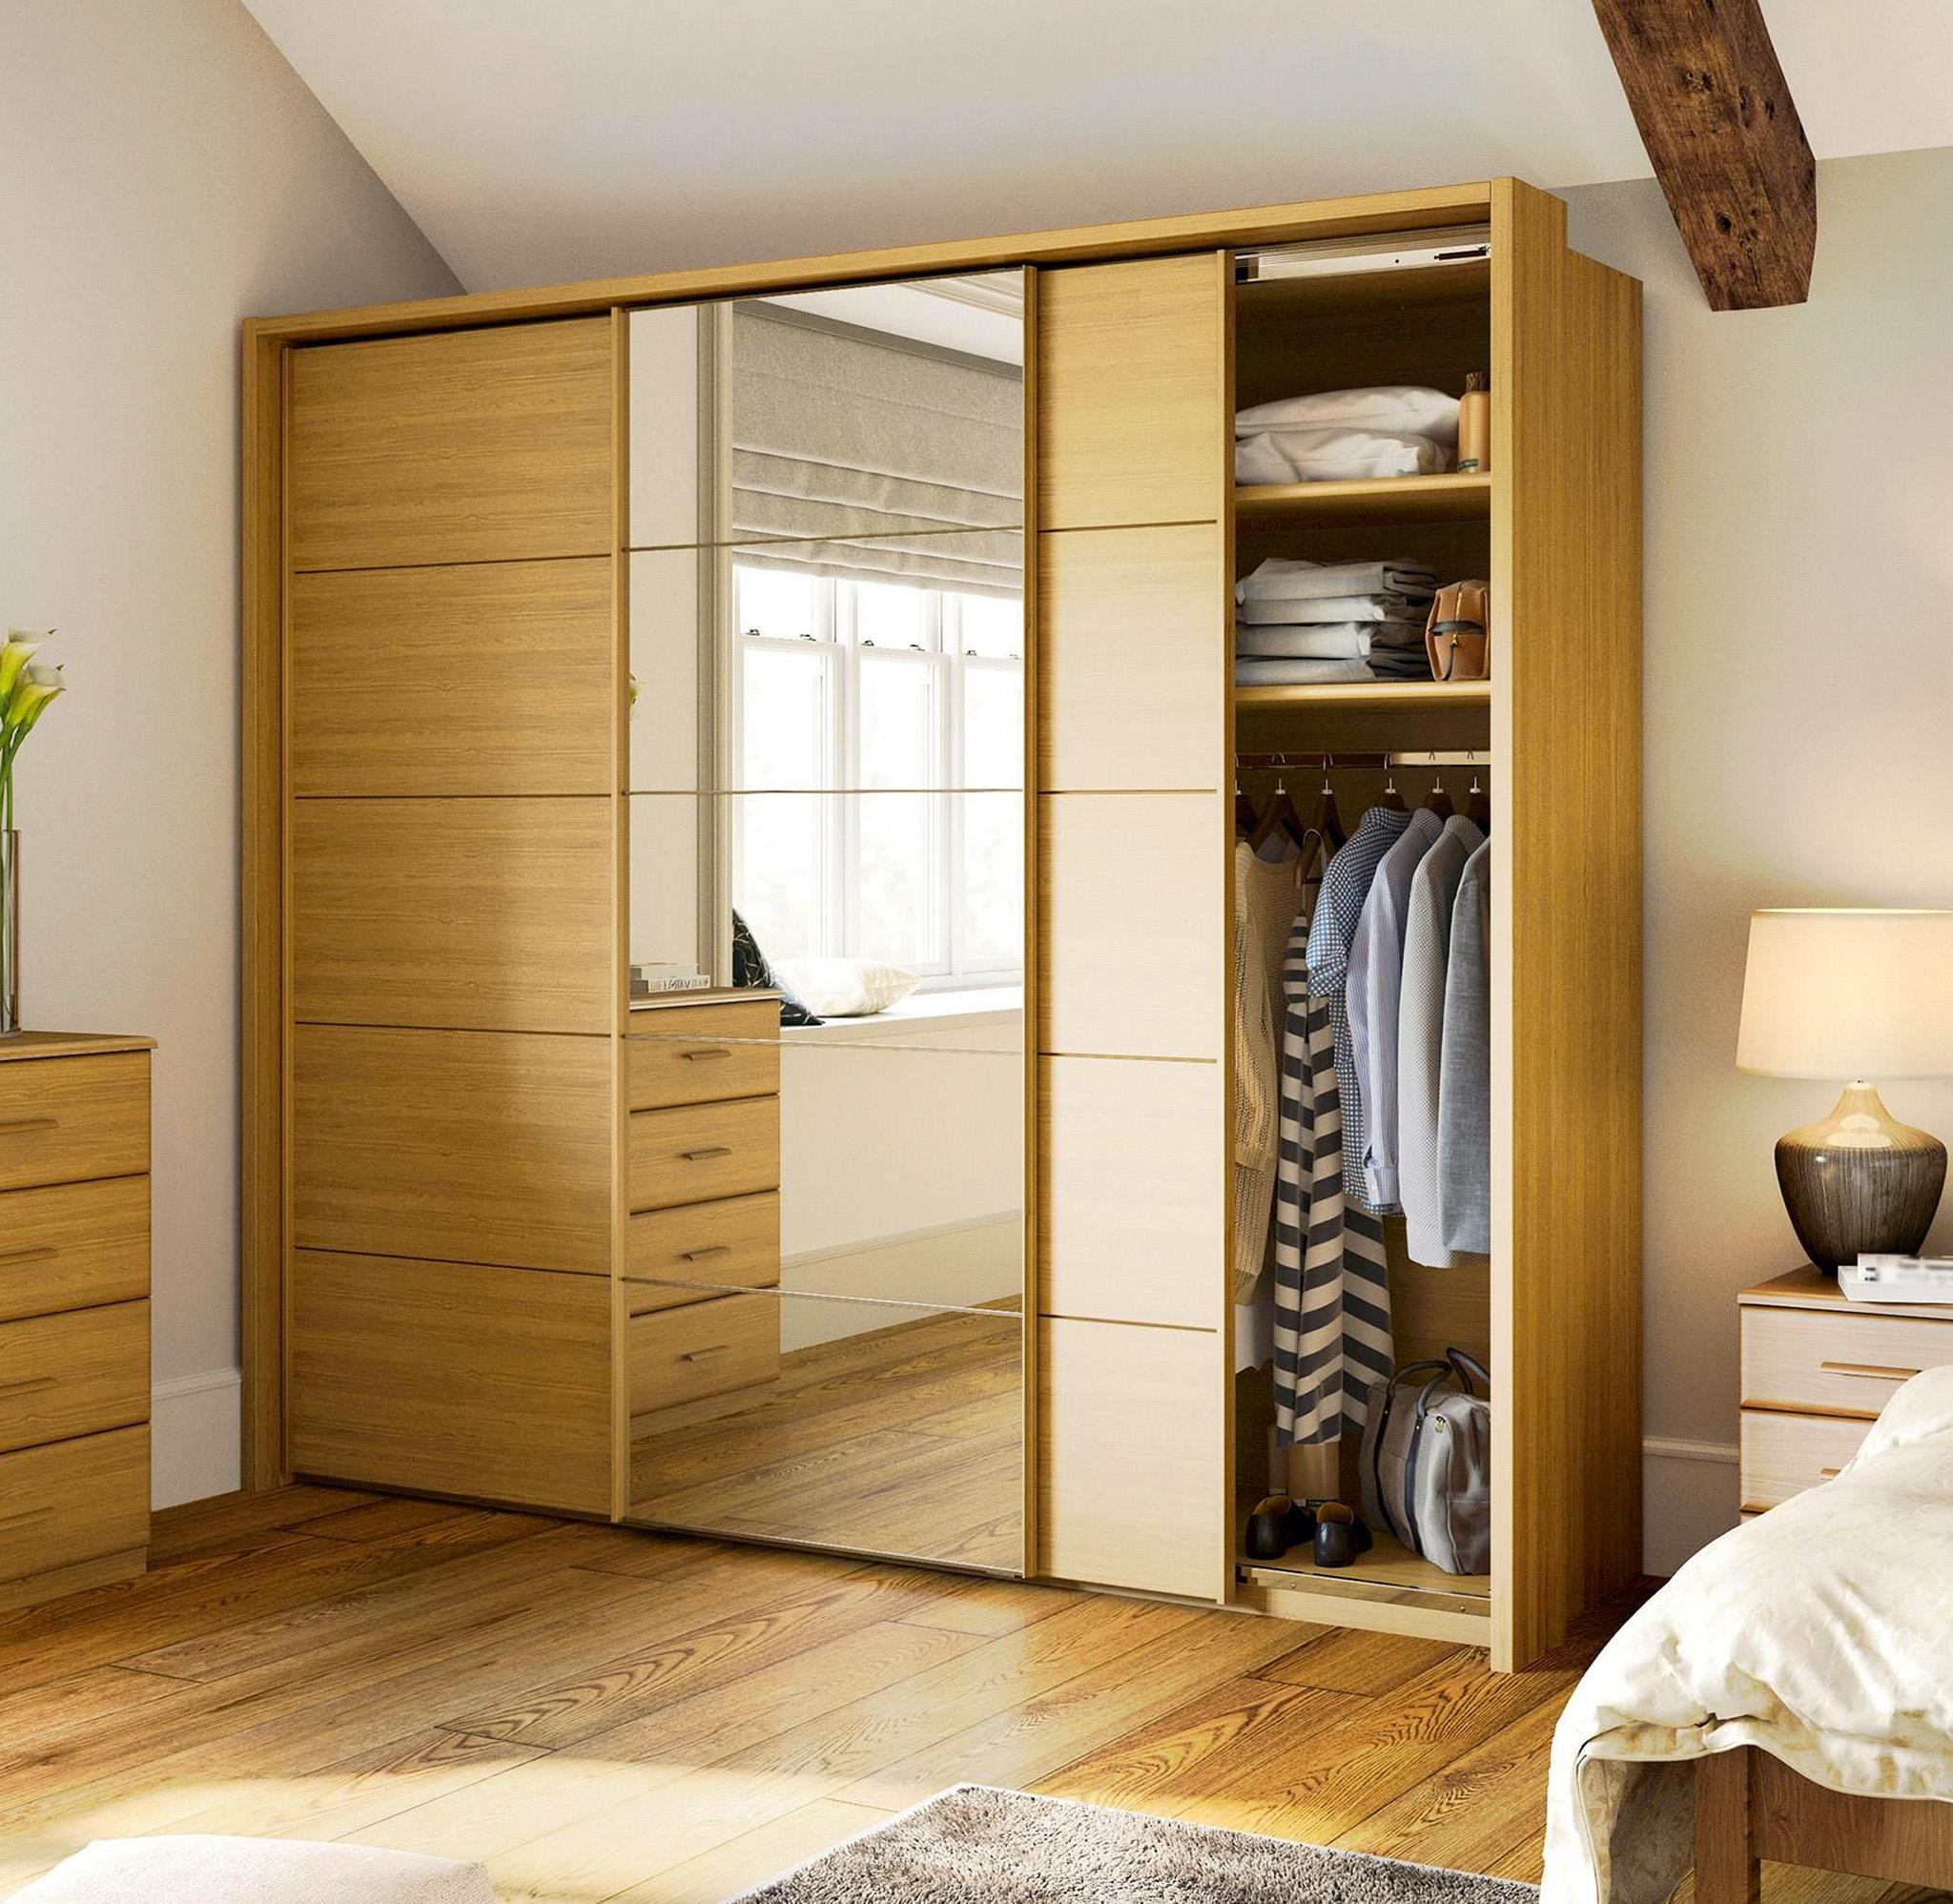 sliding wardrobe interiors, wardrobe storage, wardrobe sets